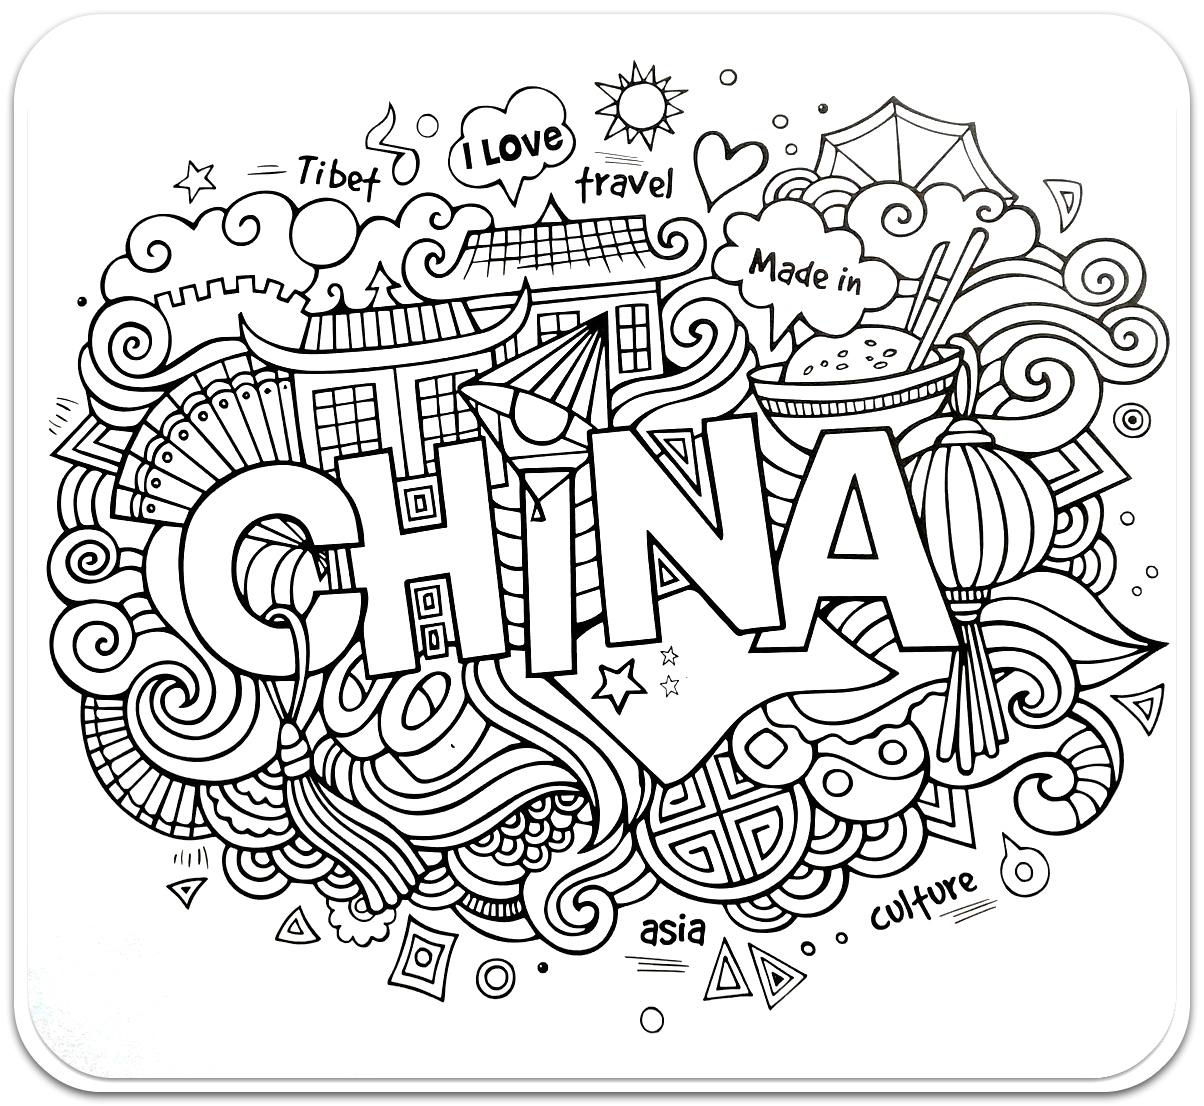 розмальовки для дорослих, розмальовки антистрес, країни, подорож, раскраски антистресс, страны, китай